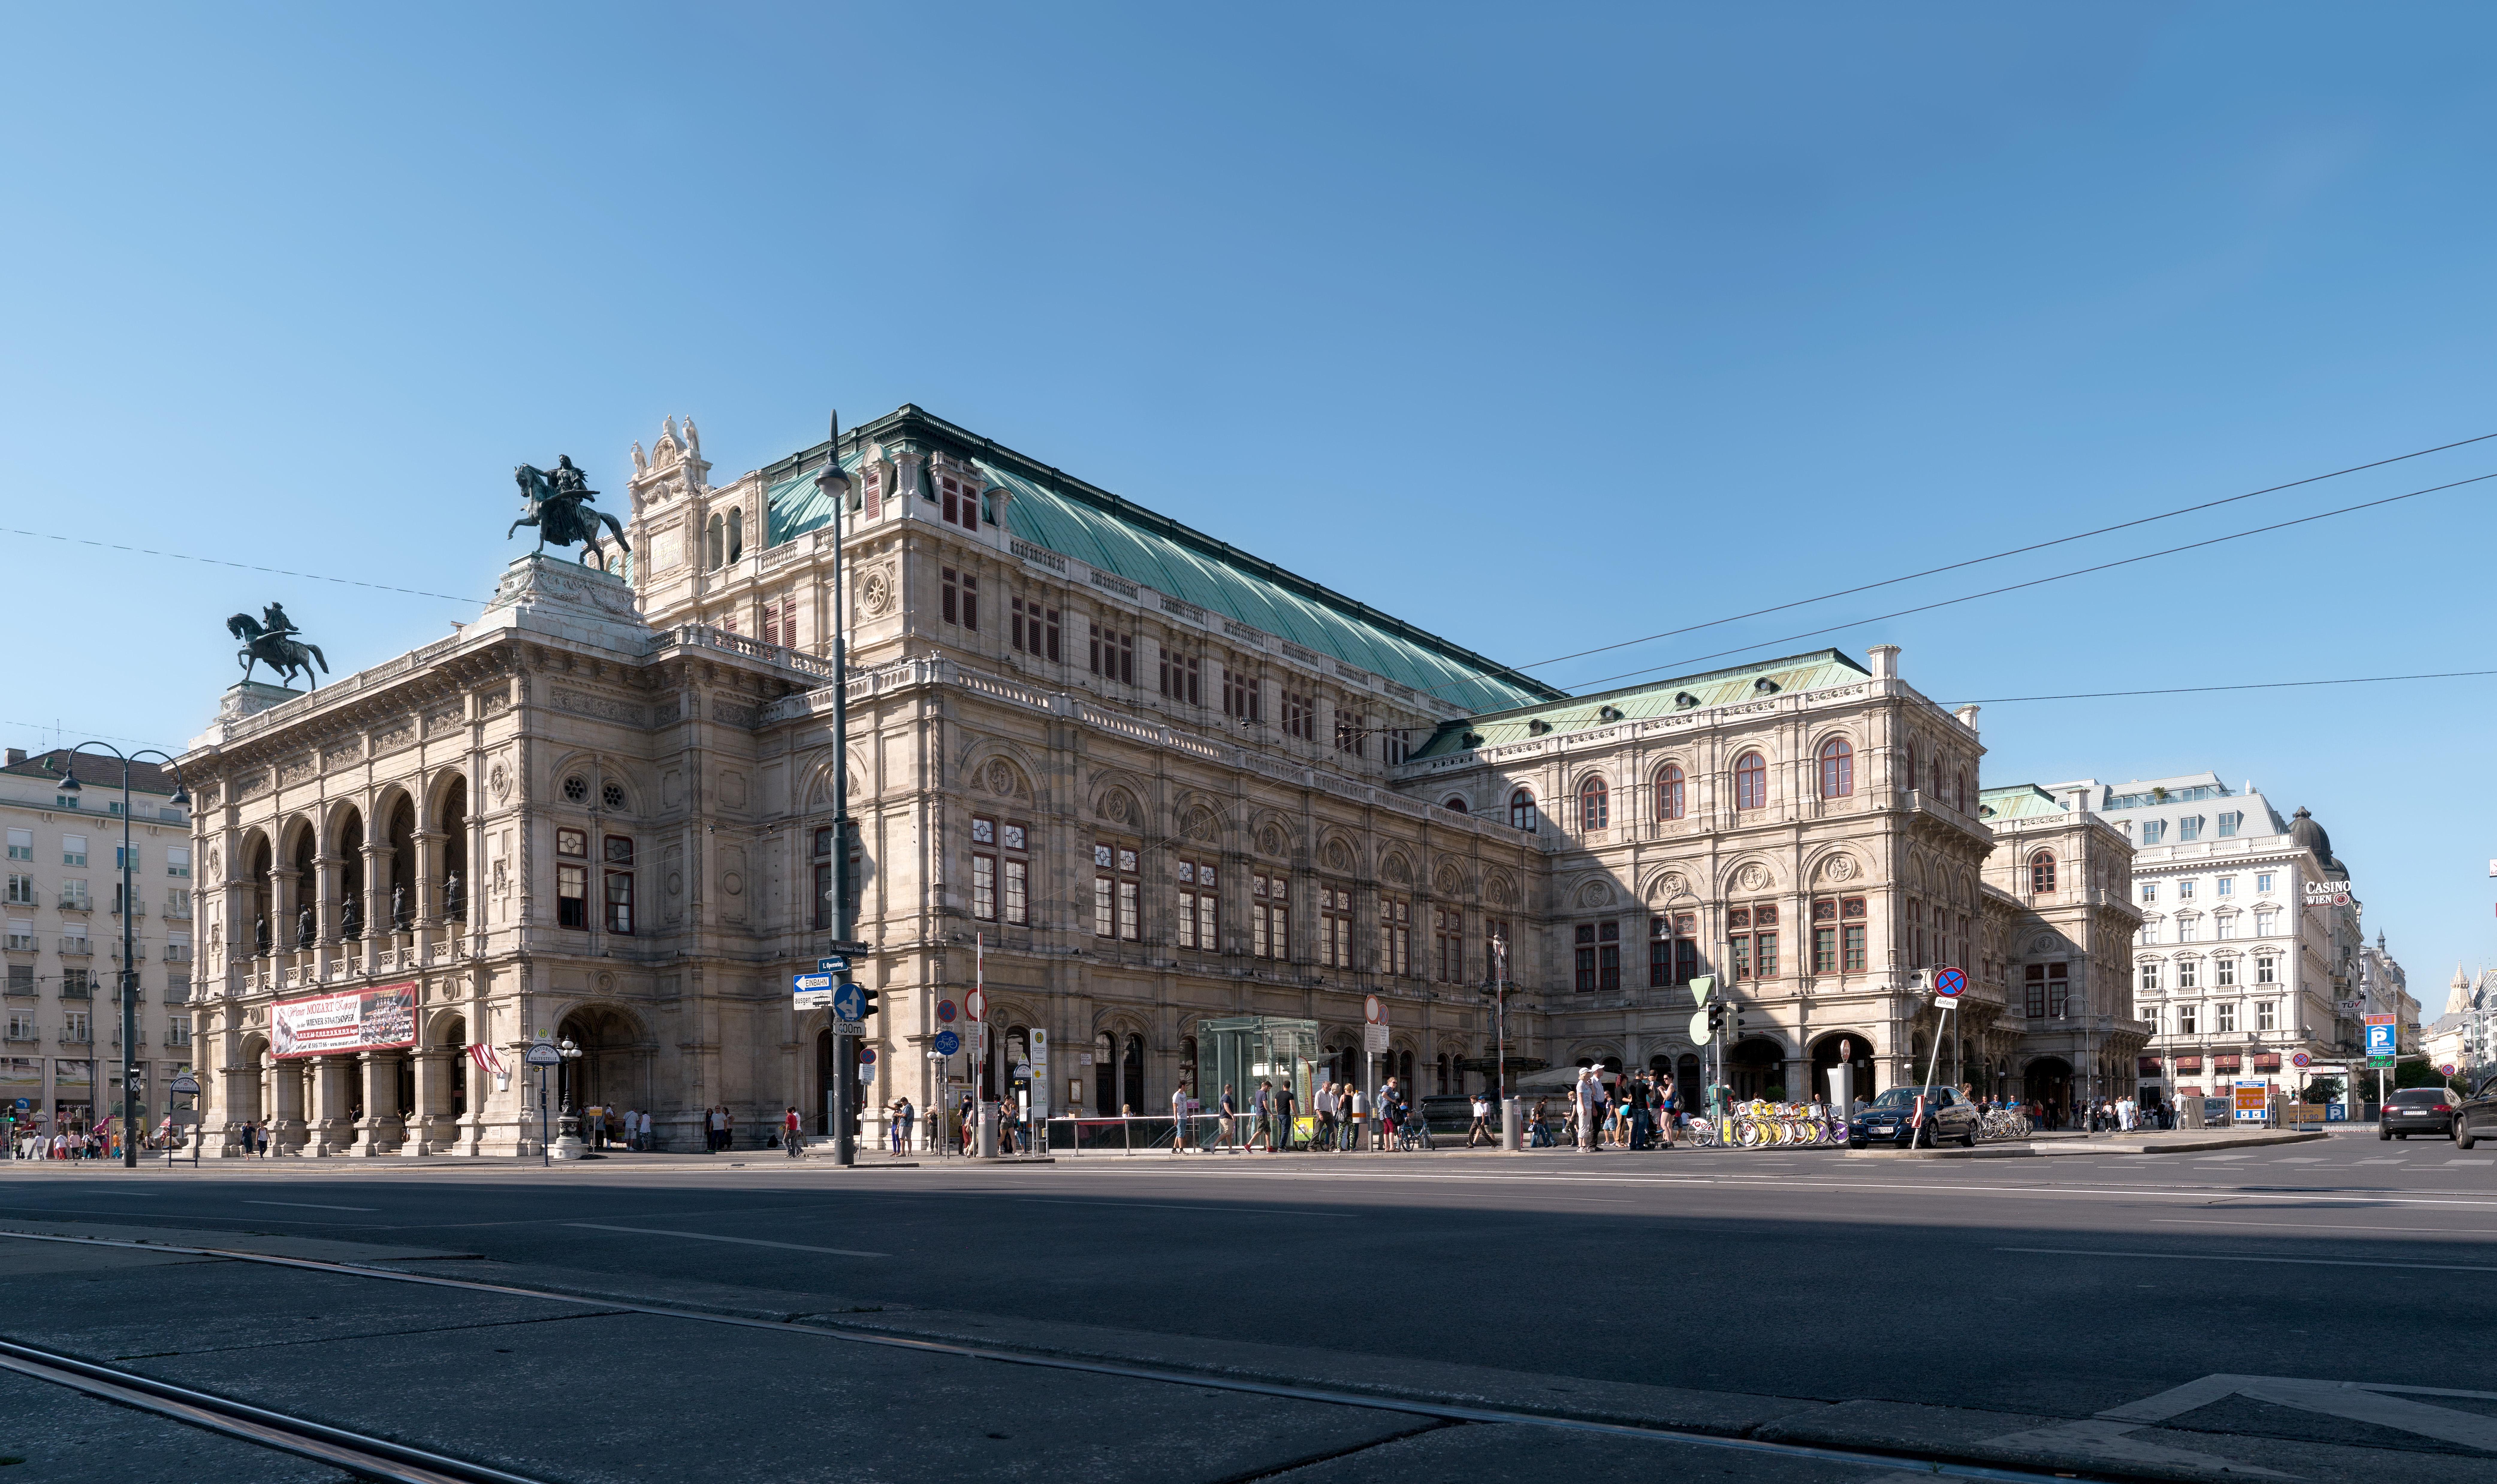 Ibis Hotel Wien Schonbrunnerstra Ef Bf Bde